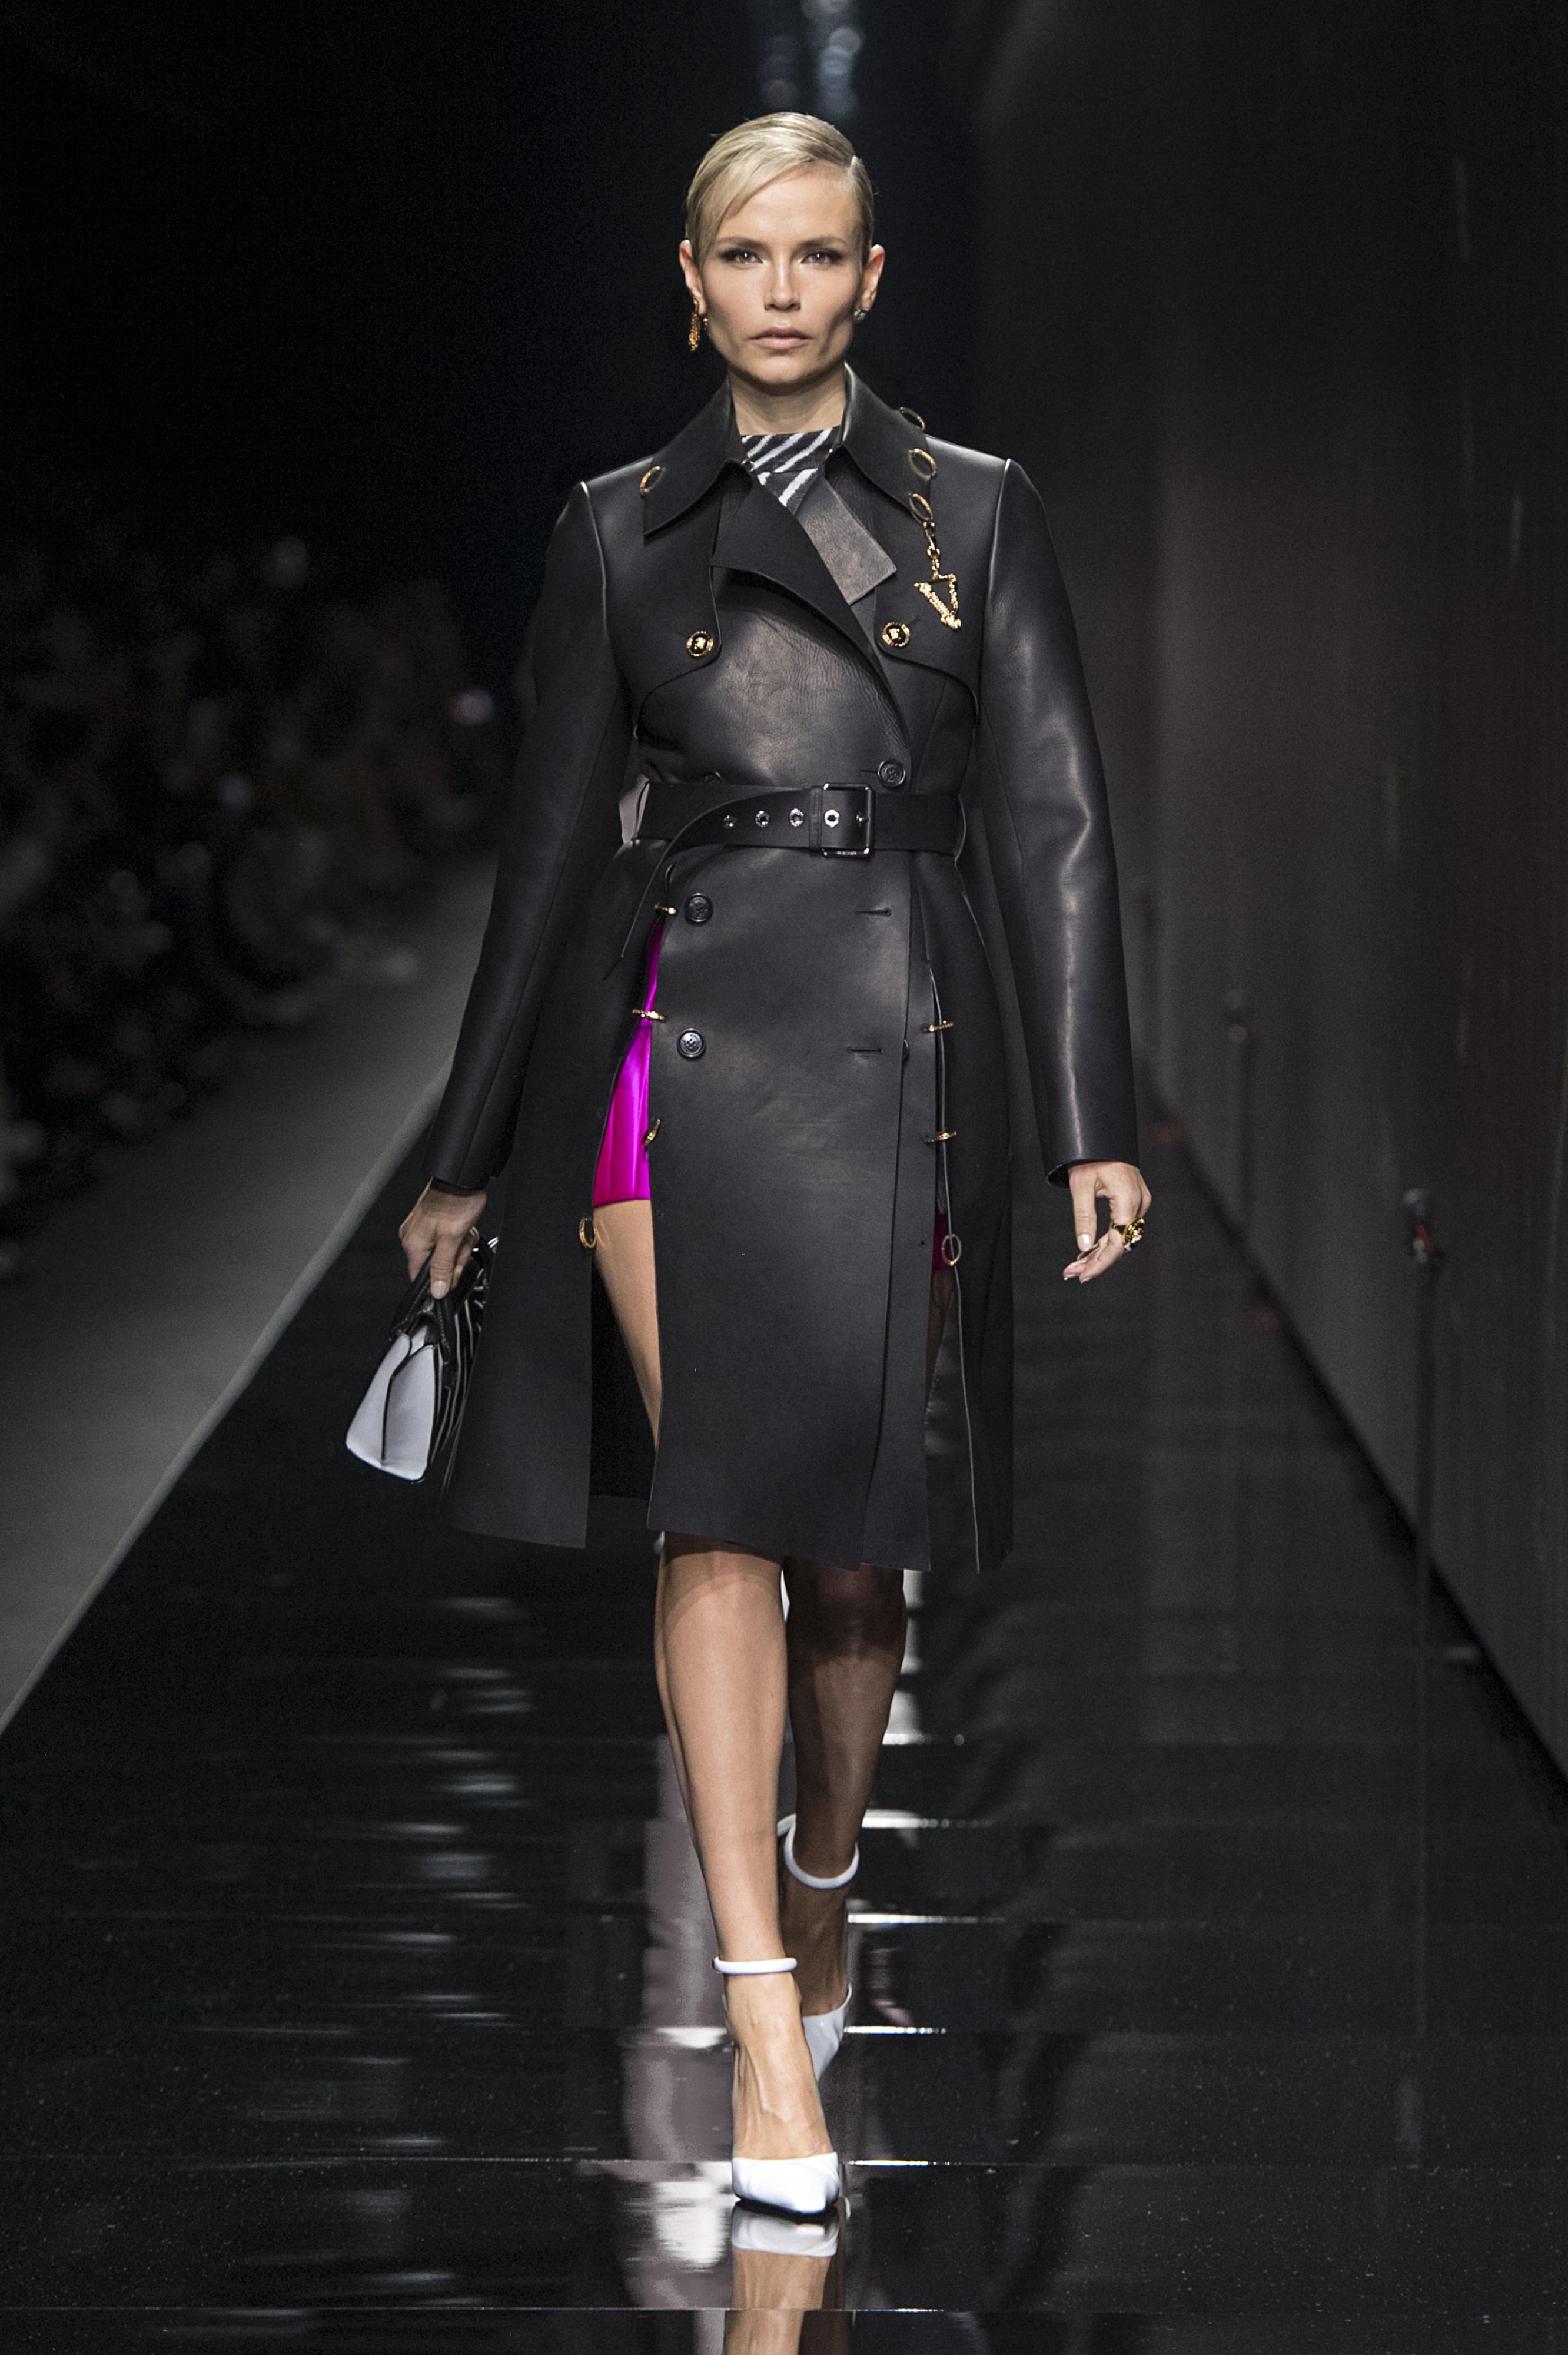 A Donatella Versace vezette VERSACE idén is villantott, és idén először együtt mutatta be a férfi és női kollekciót.